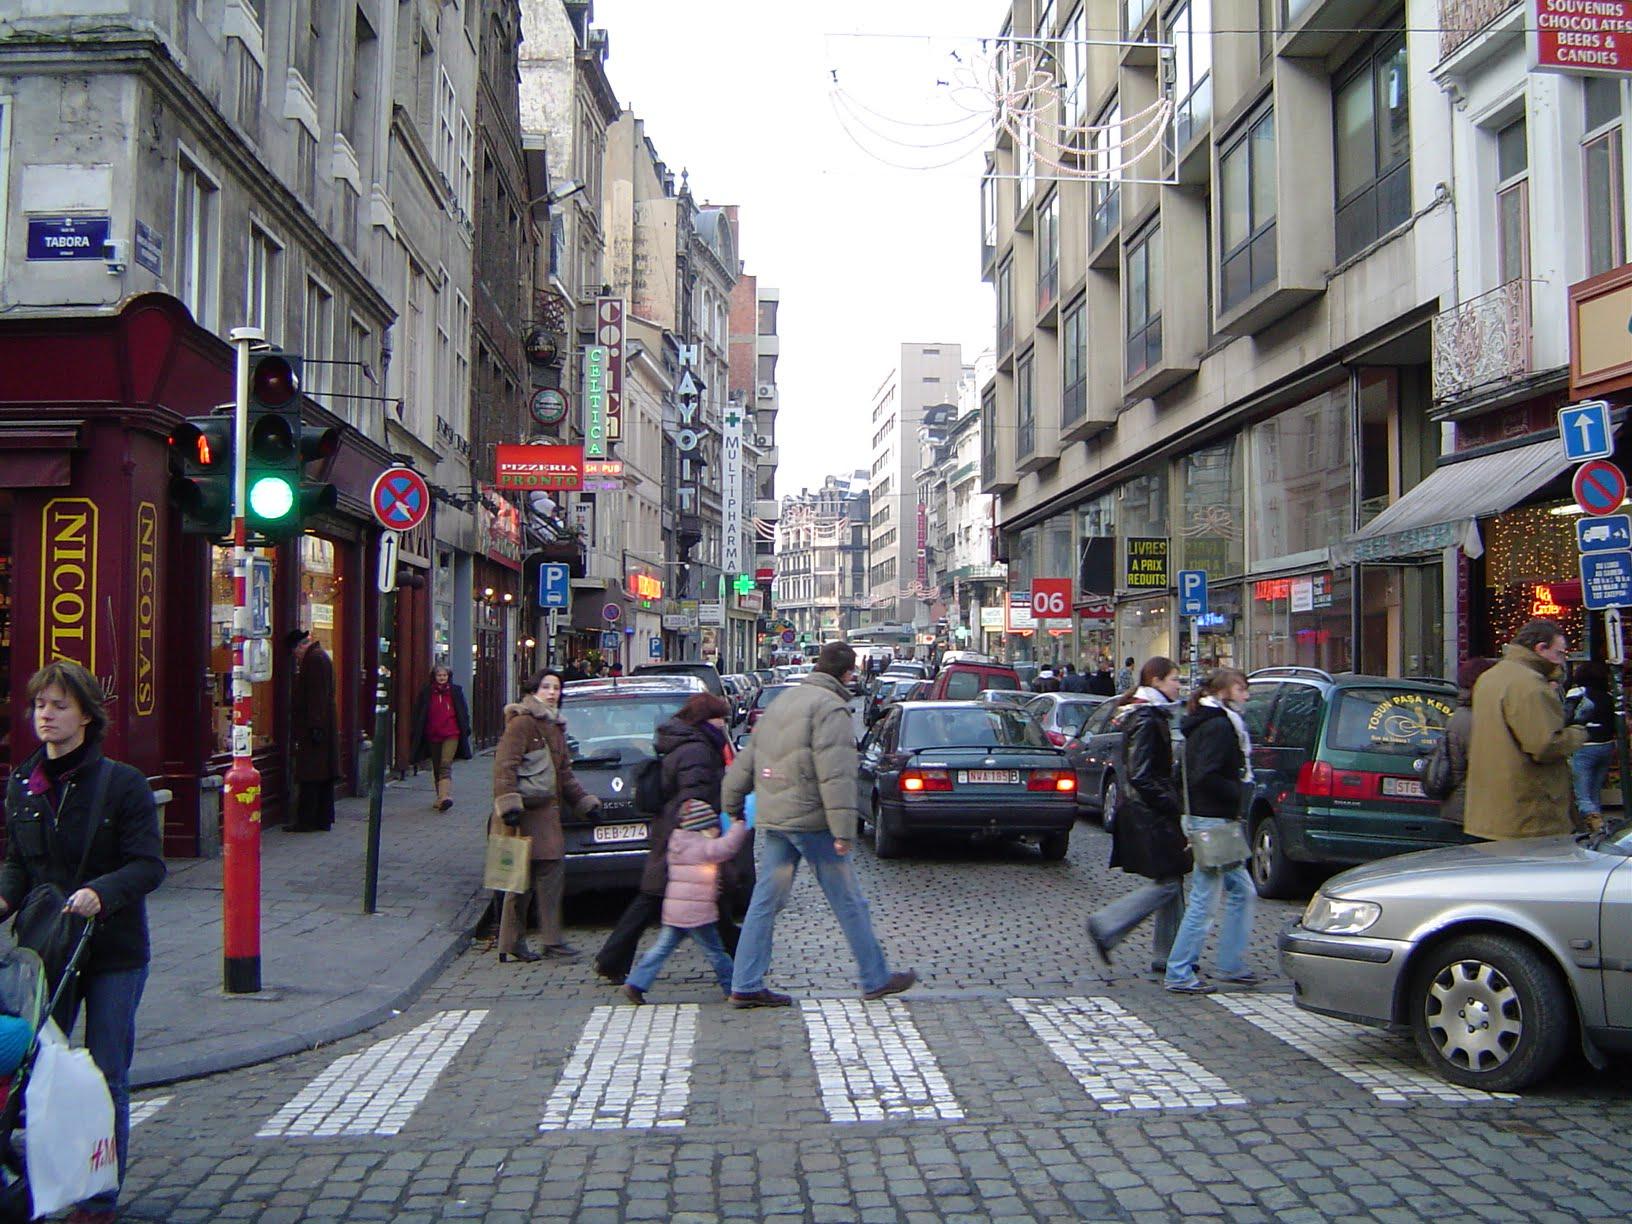 La calle es lo mejor para mi en cali - 3 part 9